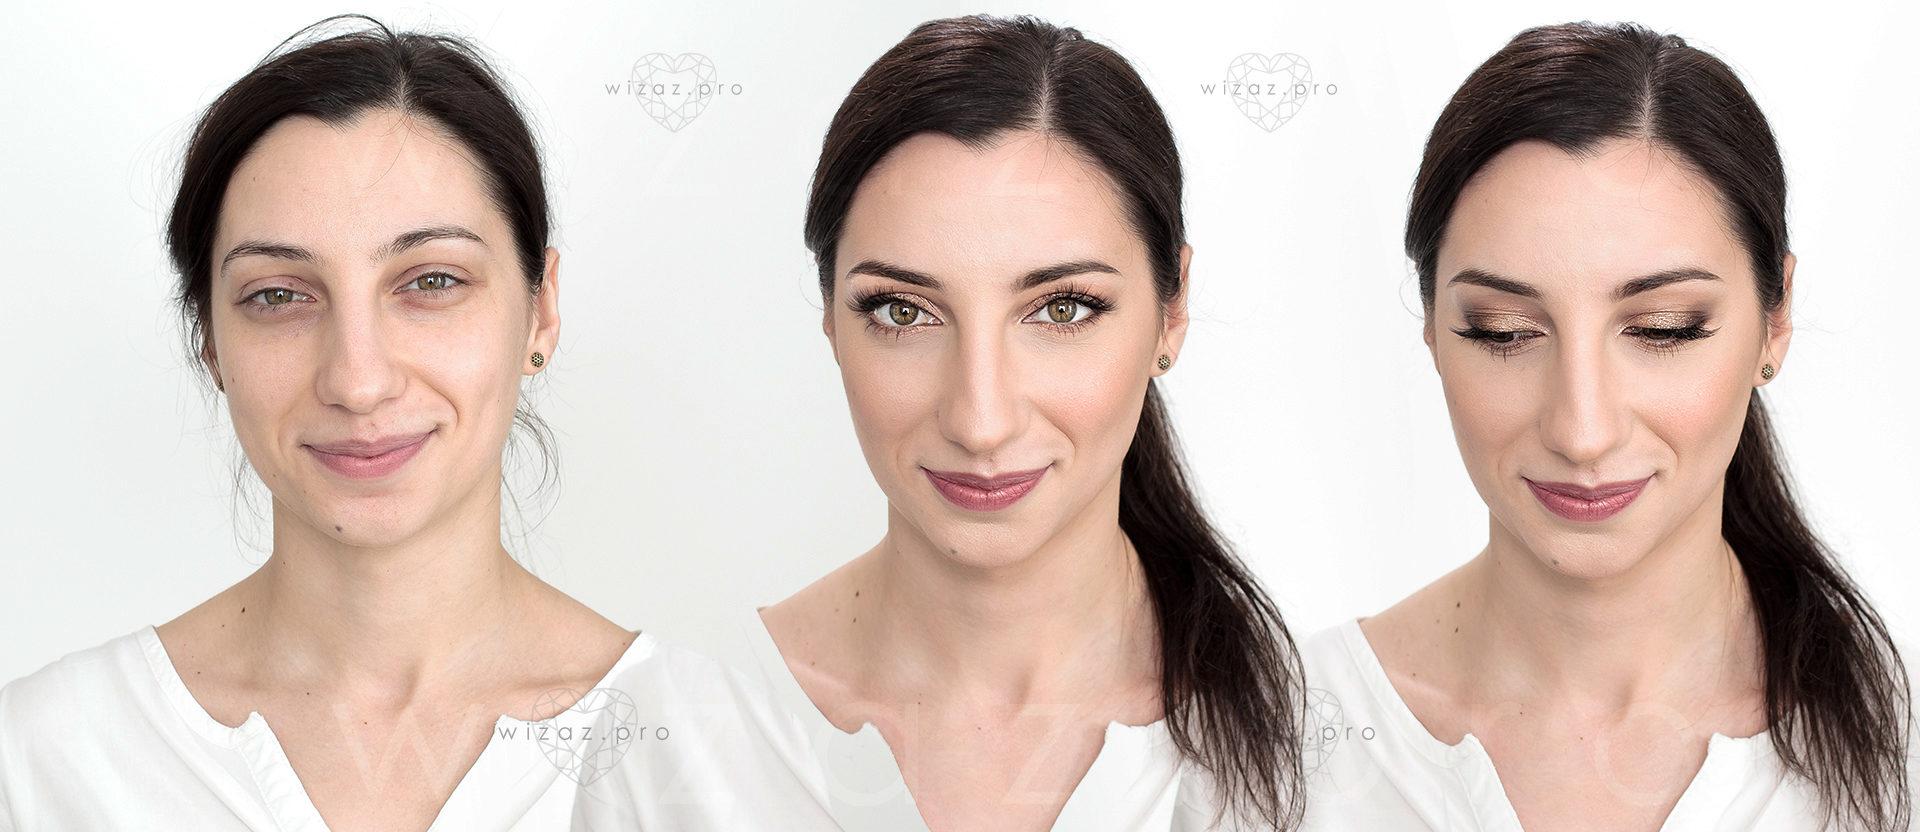 Delikatny i rozświetlający makijaż ślubny dla brunetki z orzechowymi oczami